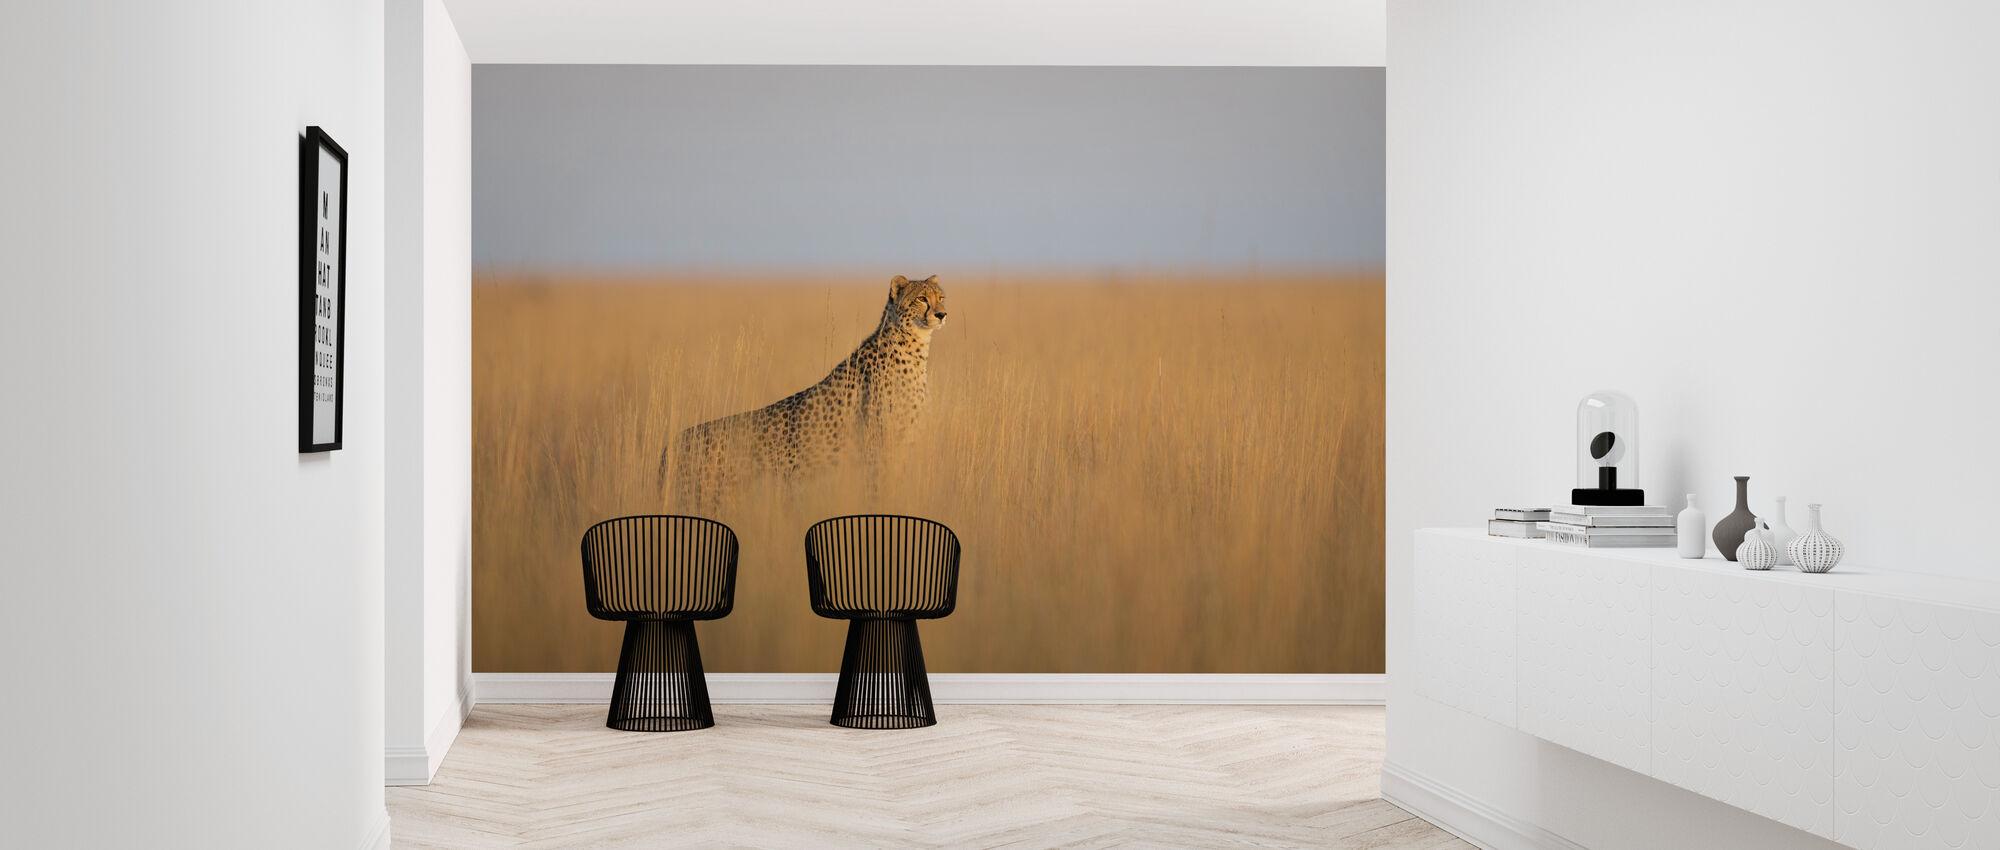 Cheetah in Long Grass - Wallpaper - Hallway